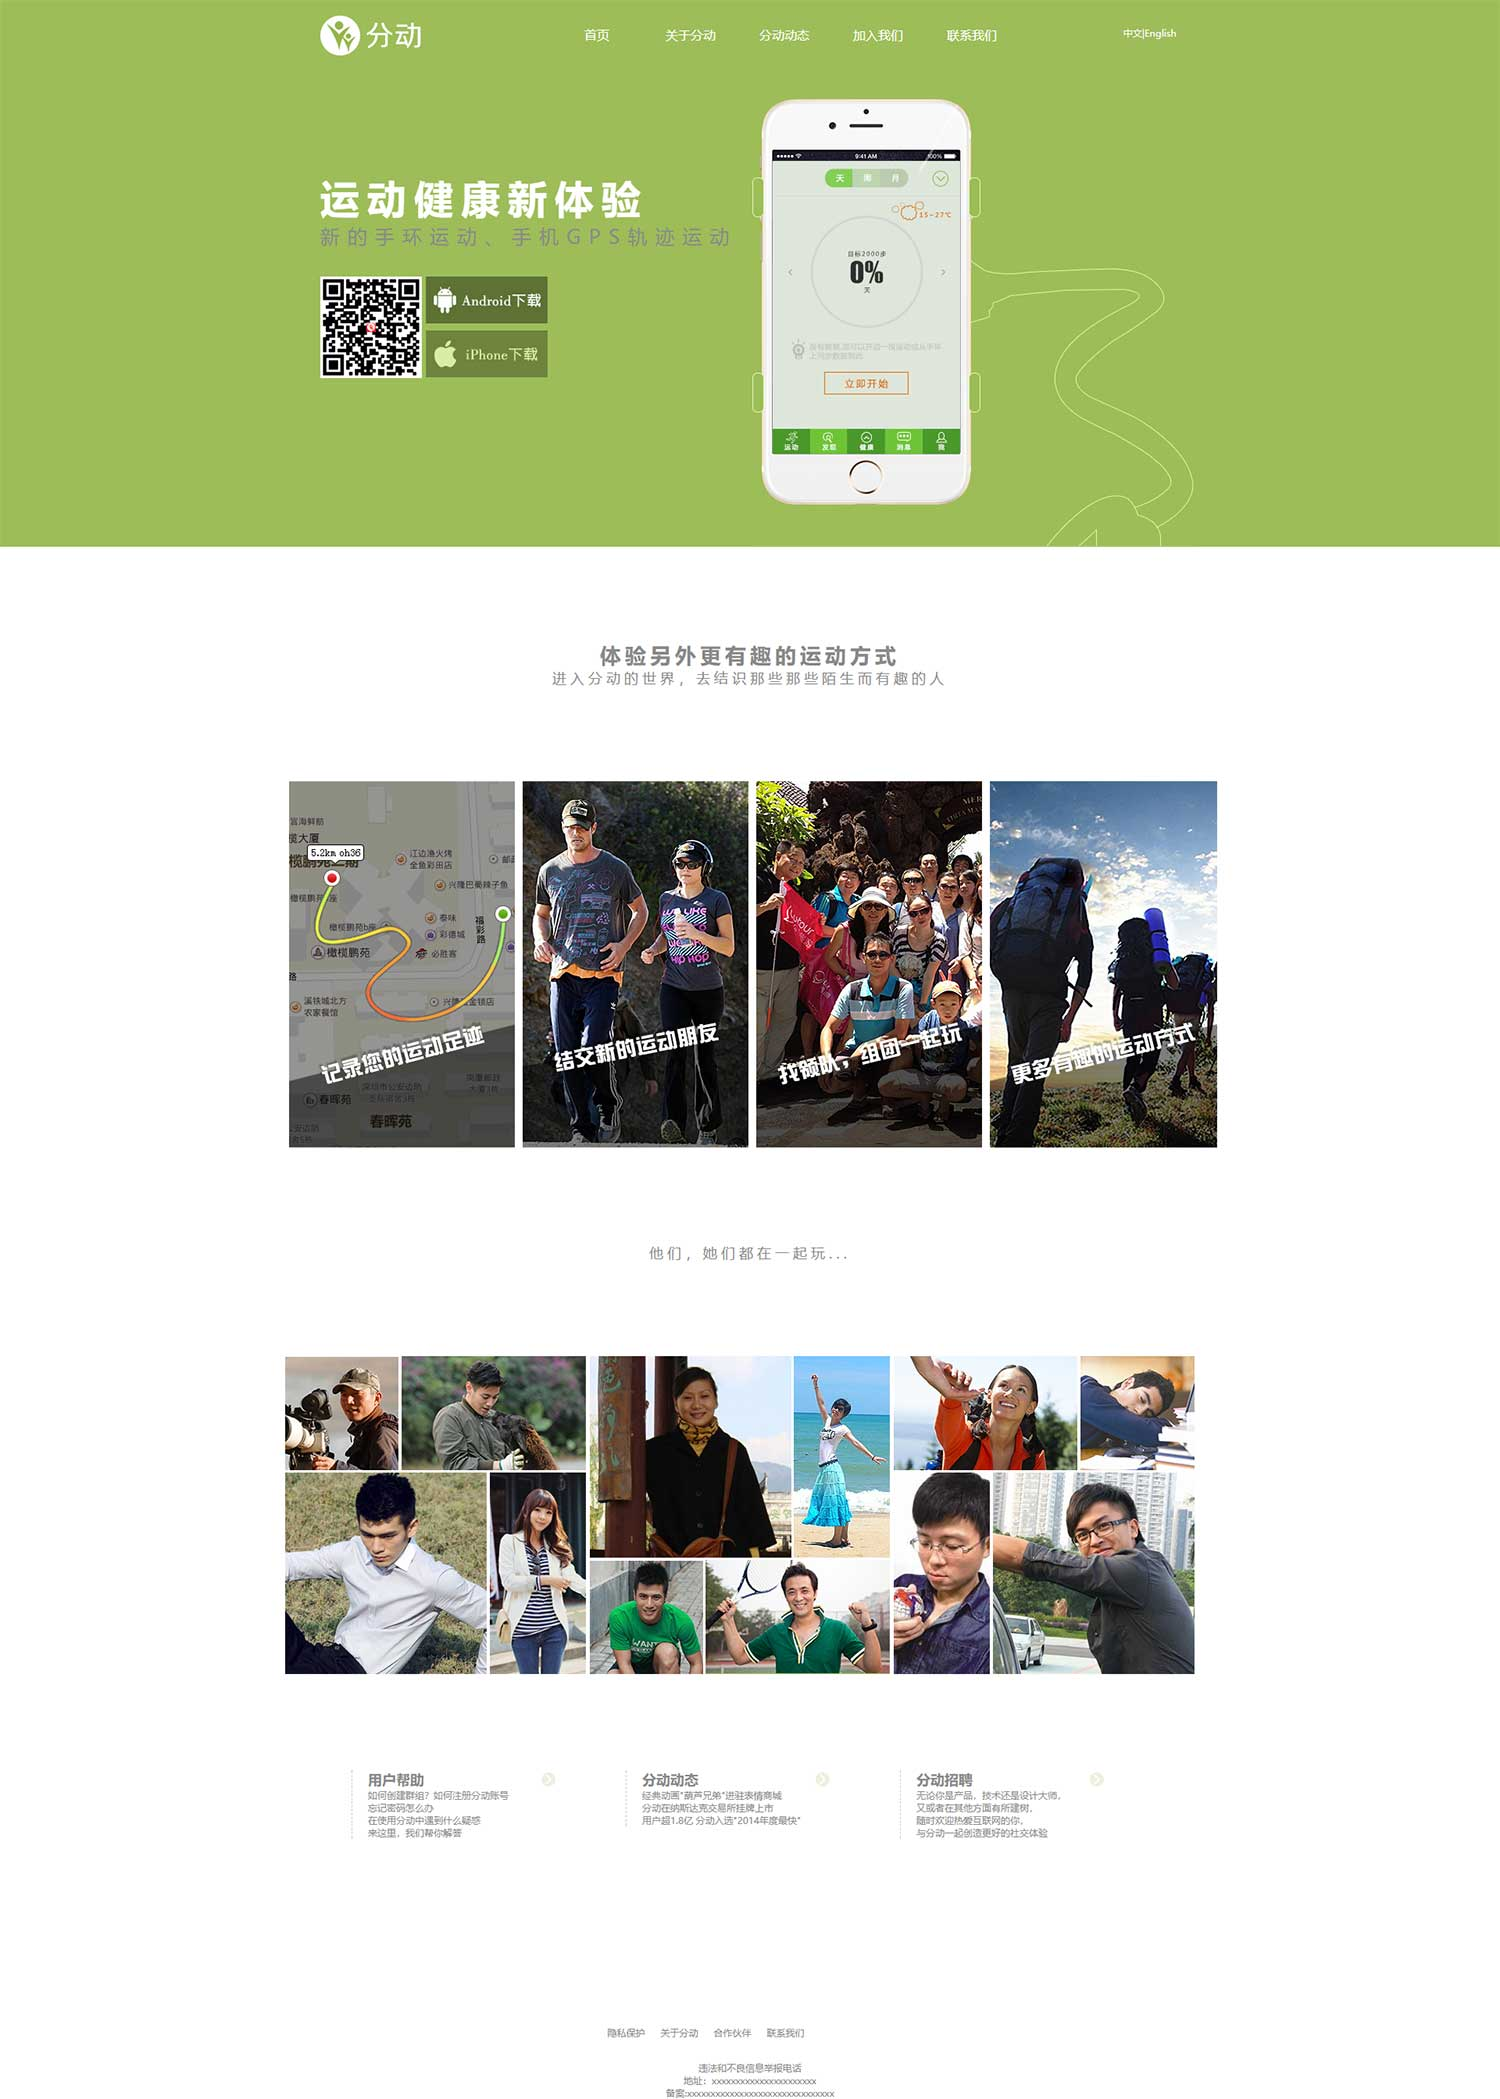 简单的手机分动app运动软件专题介绍网络科技模板